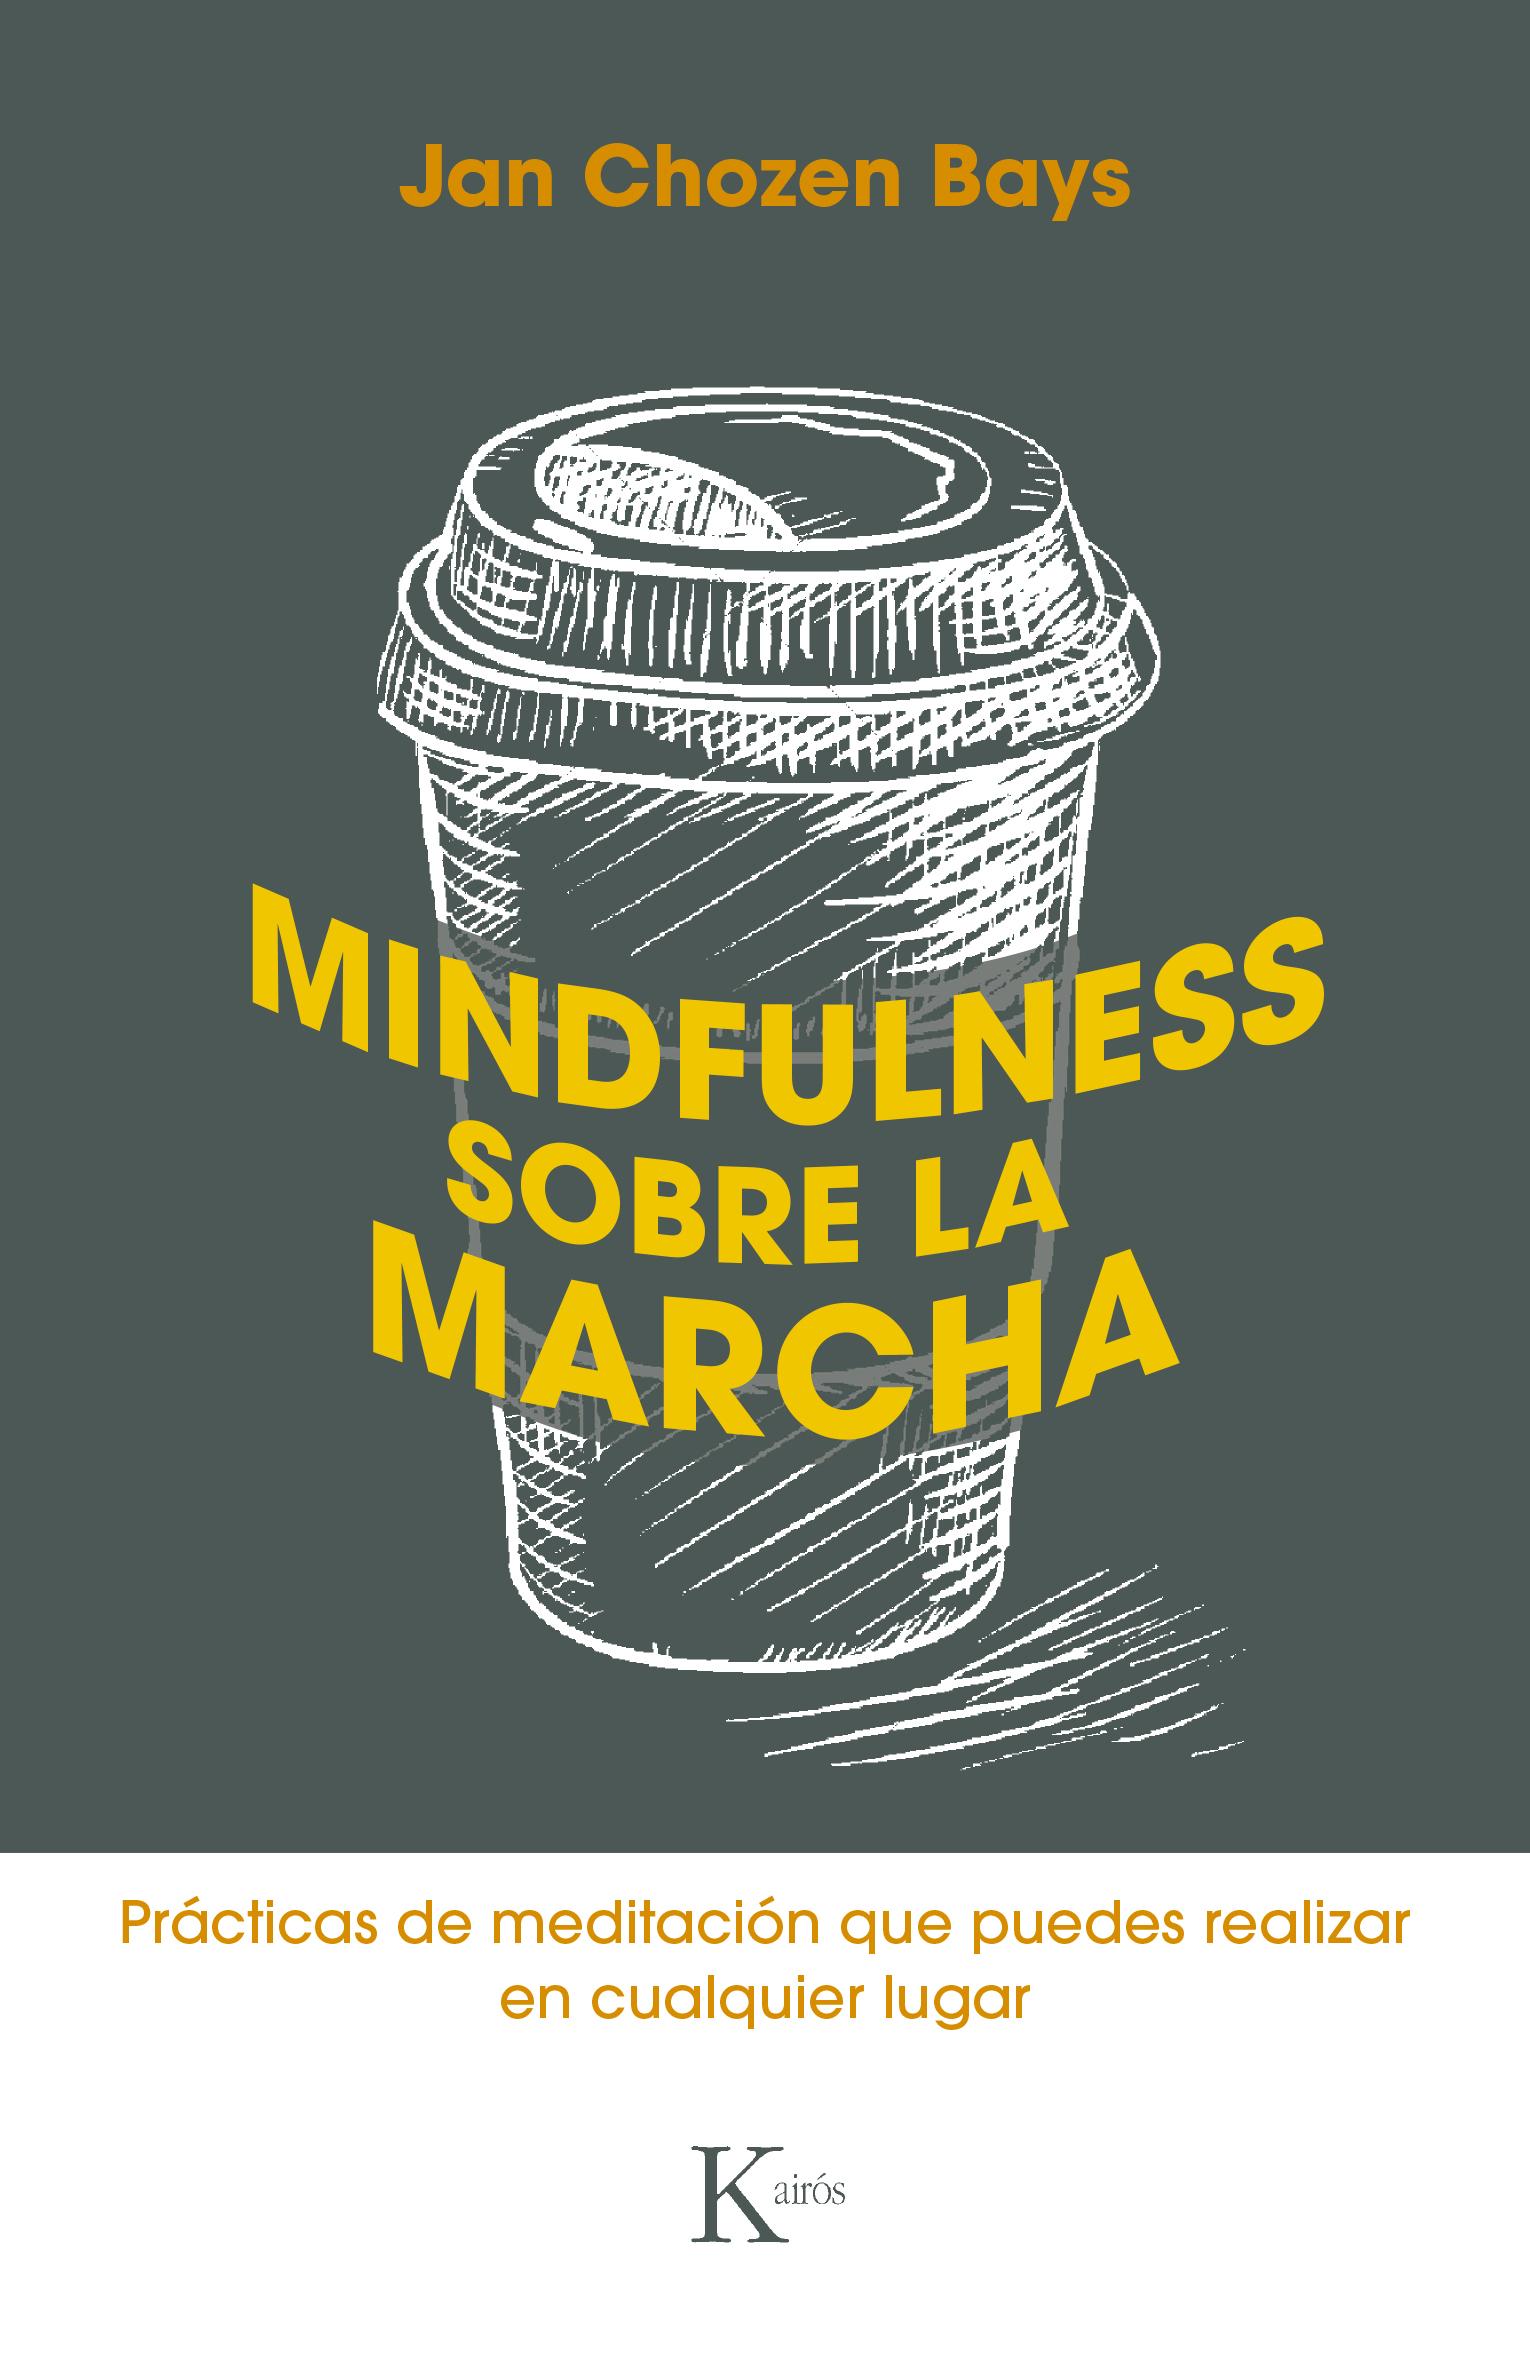 Mindfulness sobre la marcha   «Prácticas sencillas de meditación que puedes realizar en cualquier lugar»